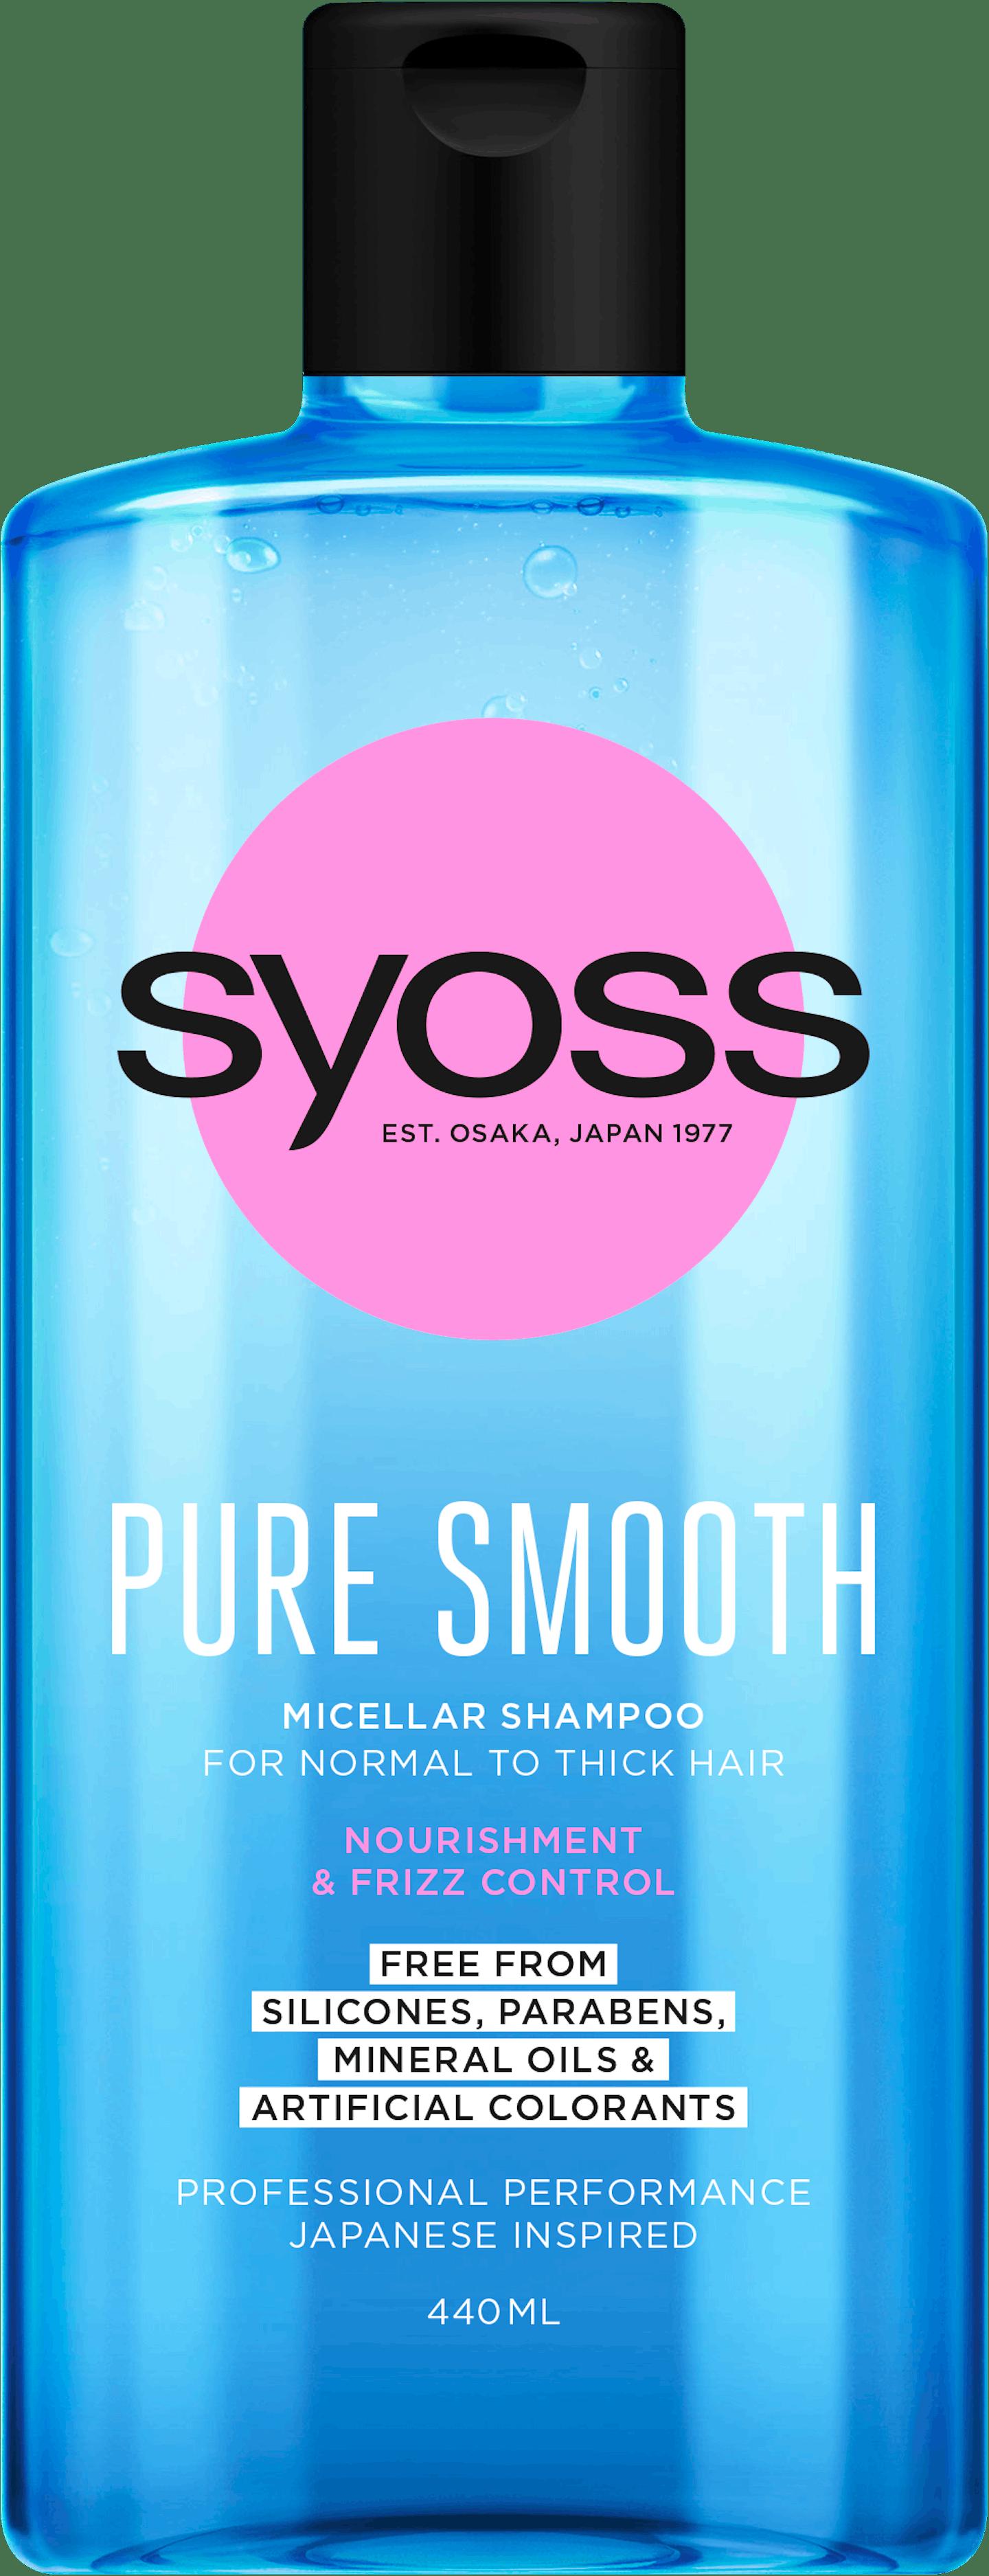 Pure Smooth Shampoo